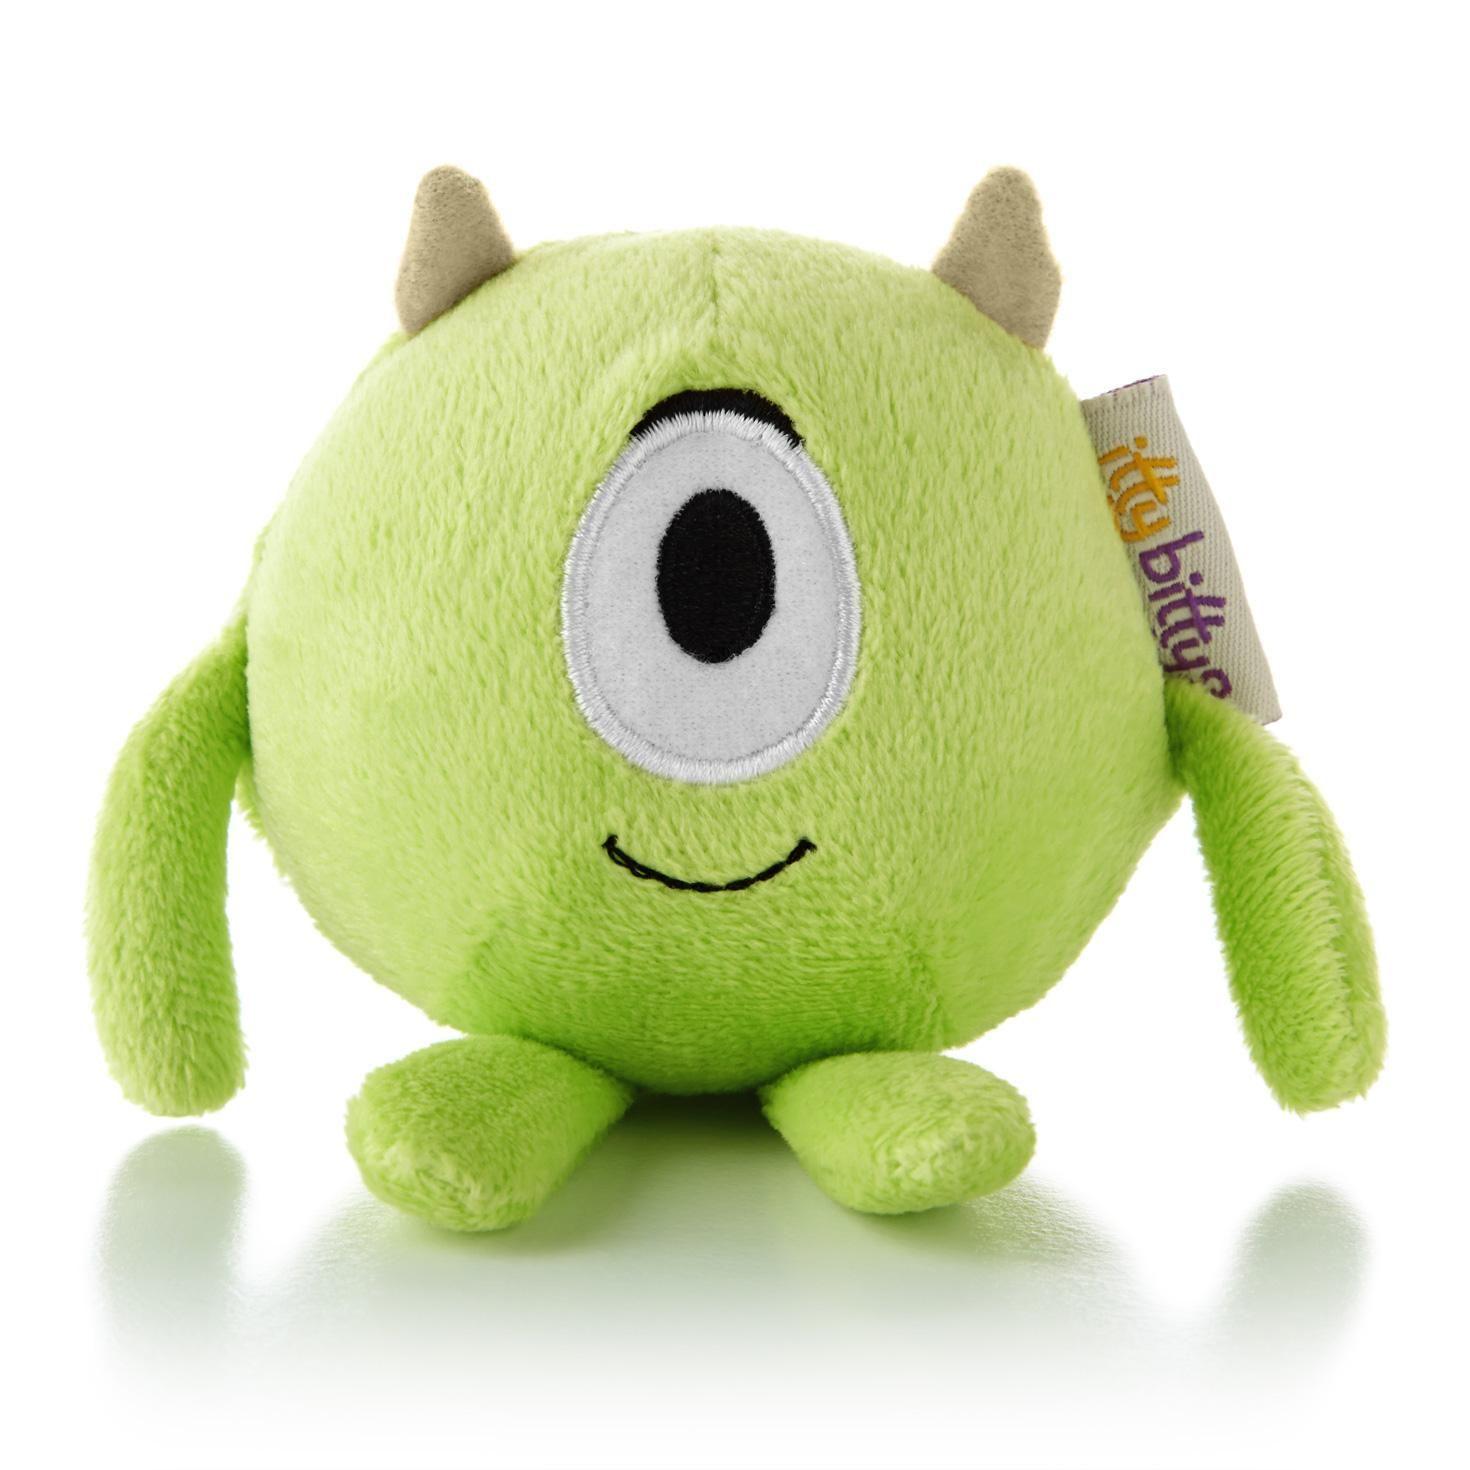 Hallmark itty bittys Limited Edition Horton Stuffed Animal